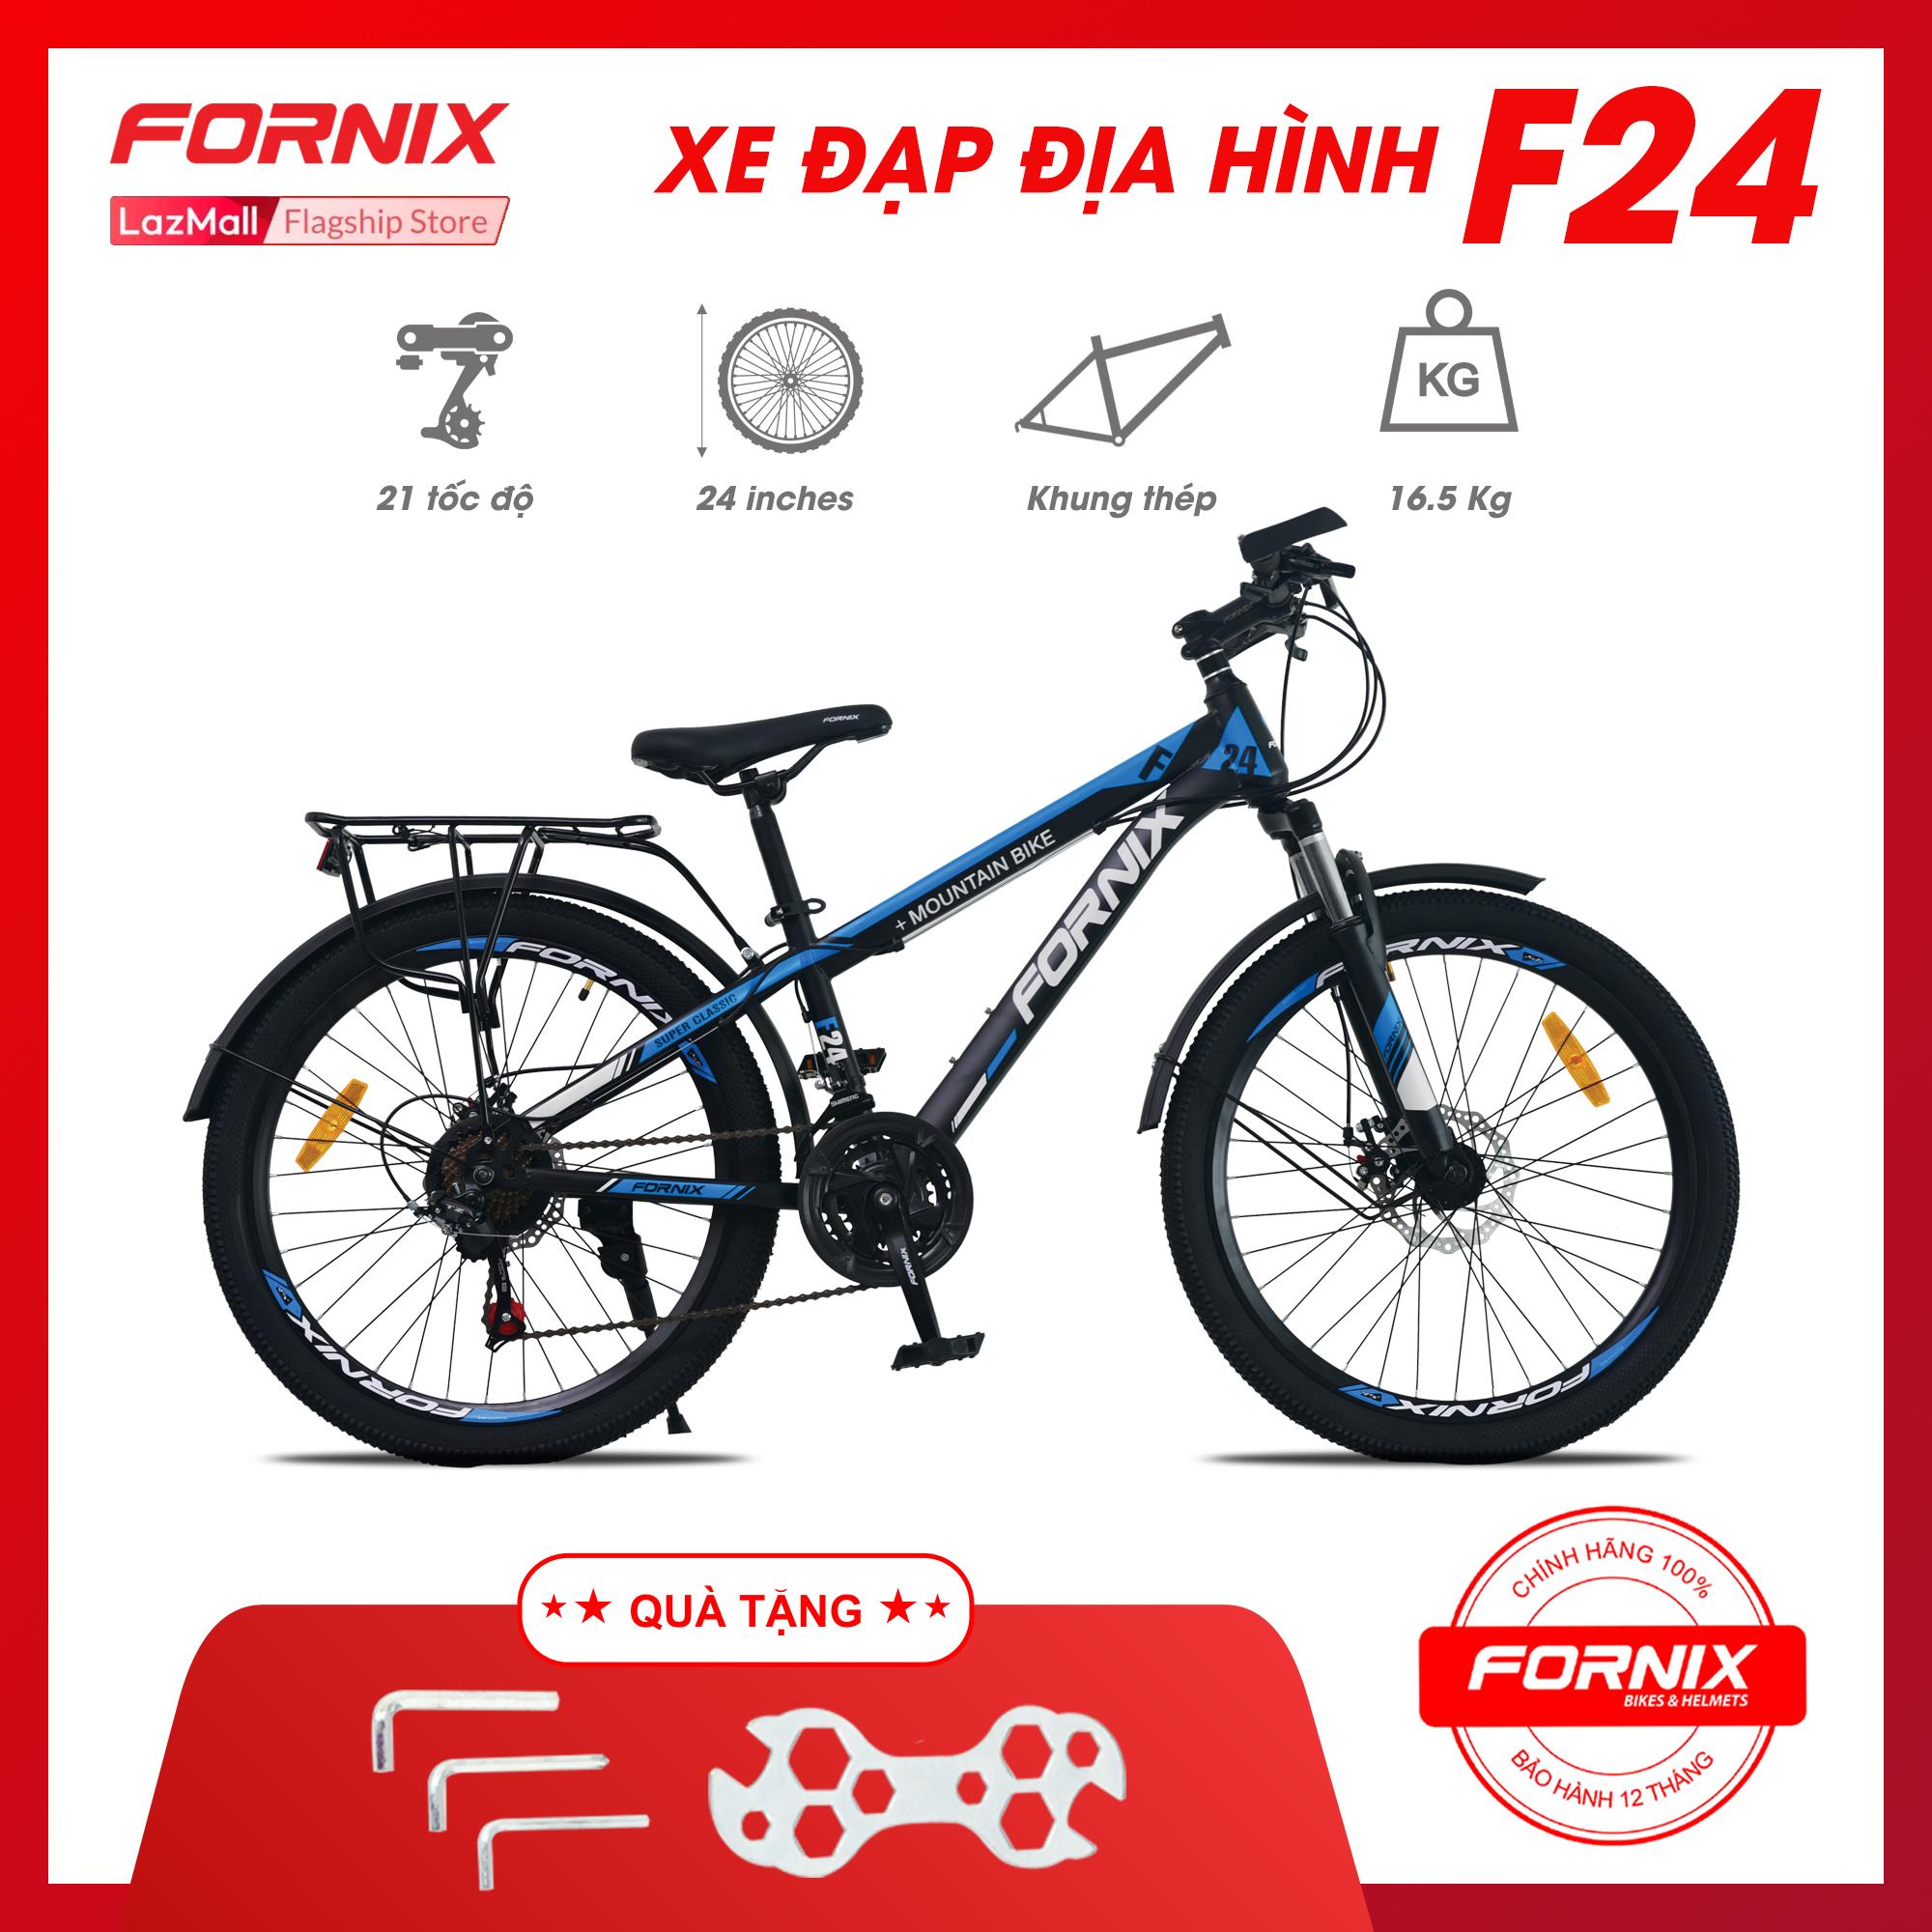 Mua Xe đạp địa hình thể thao Fornix F24 (KÈM SÁCH HƯỚNG DẪN LẮP RÁP)- Tặng Bộ lắp ráp - Bảo hành 12 tháng